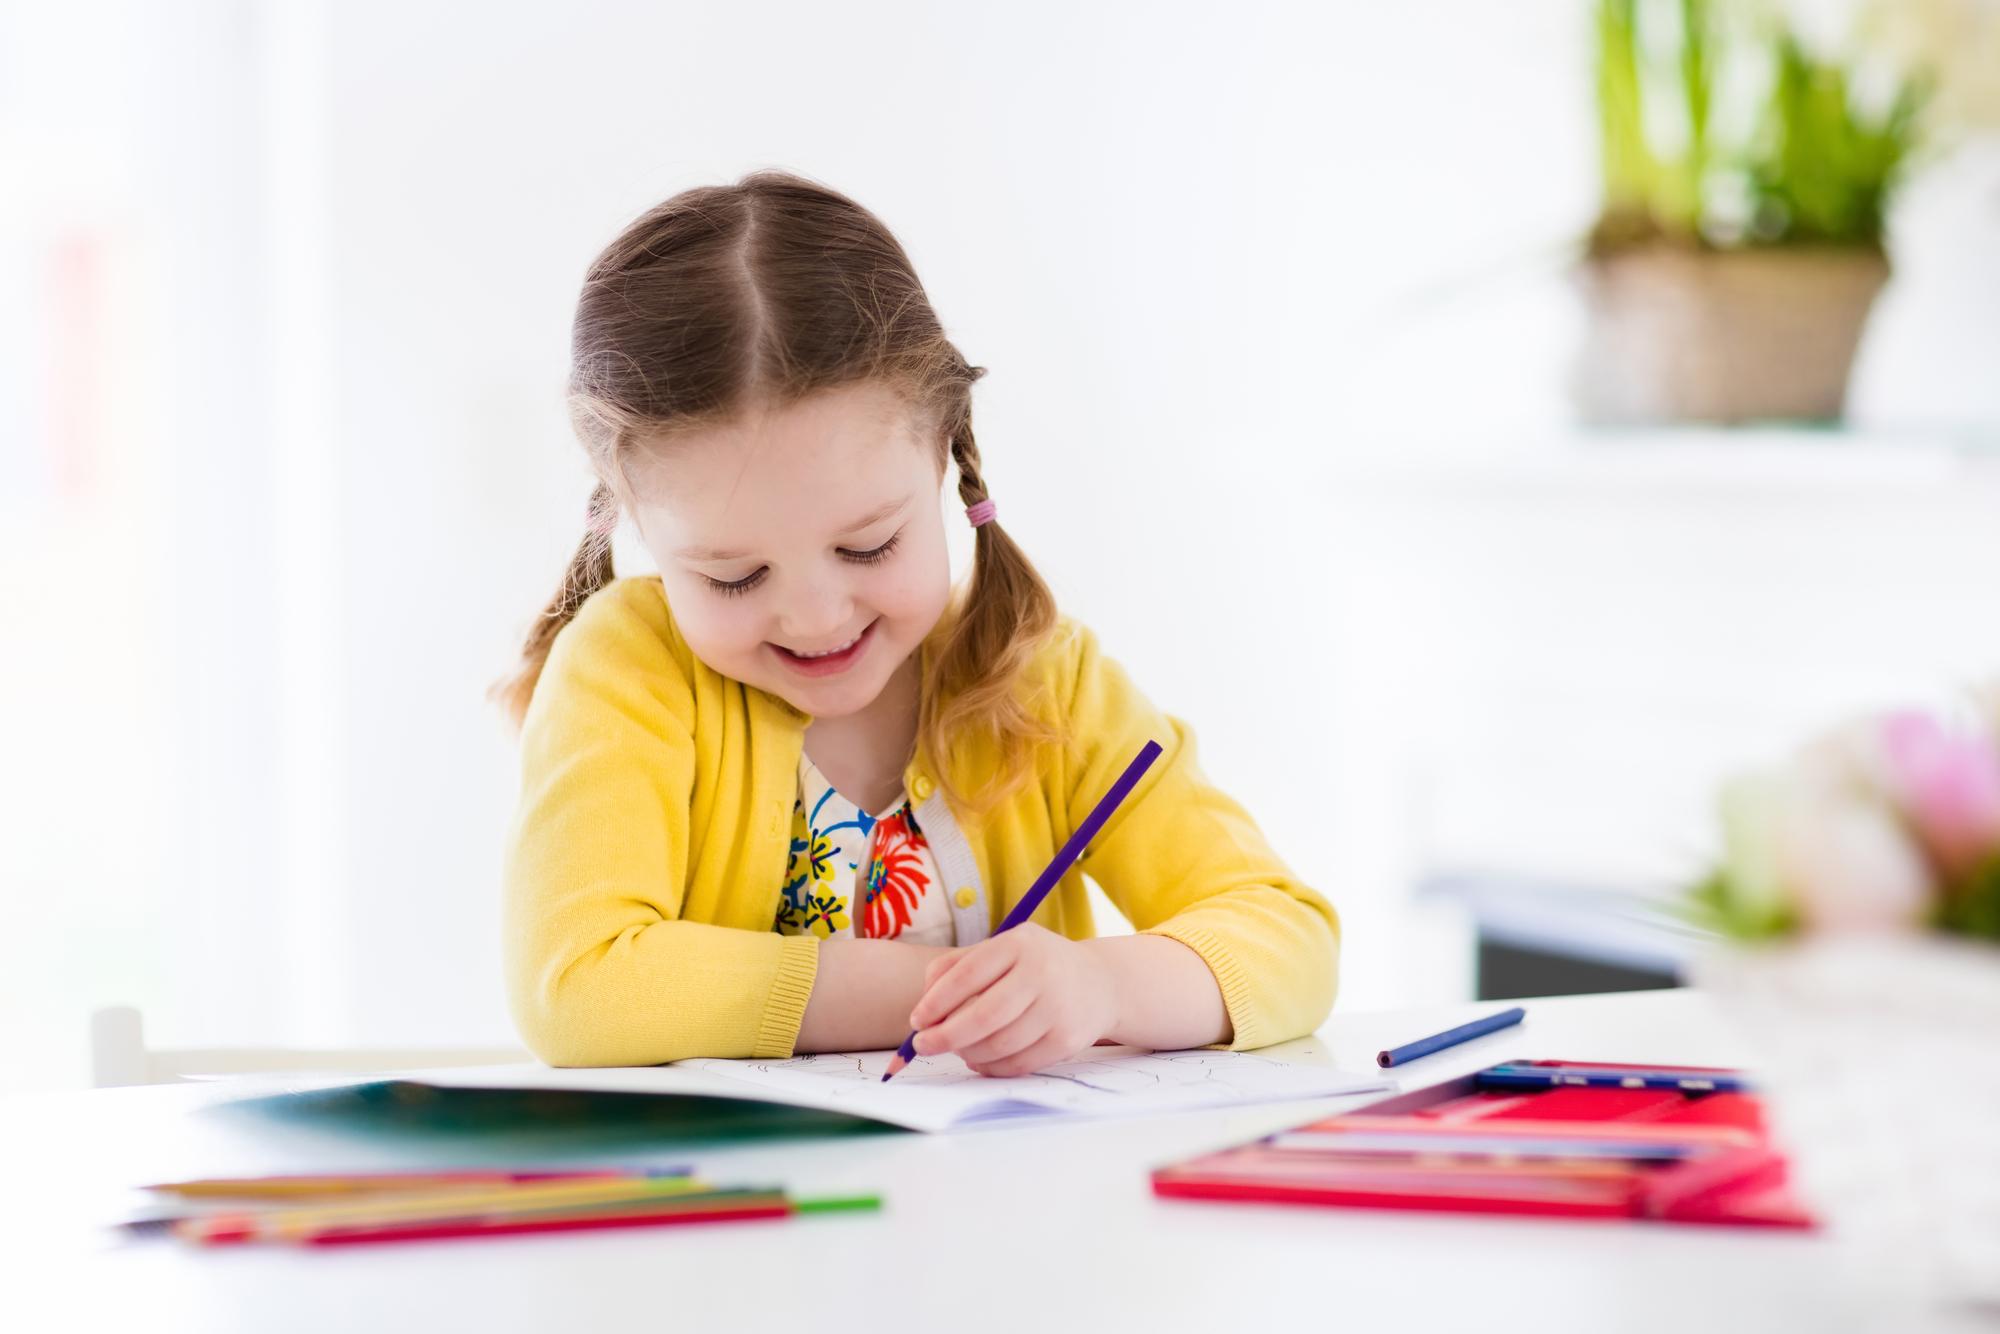 La importancia de leer desde pequeños